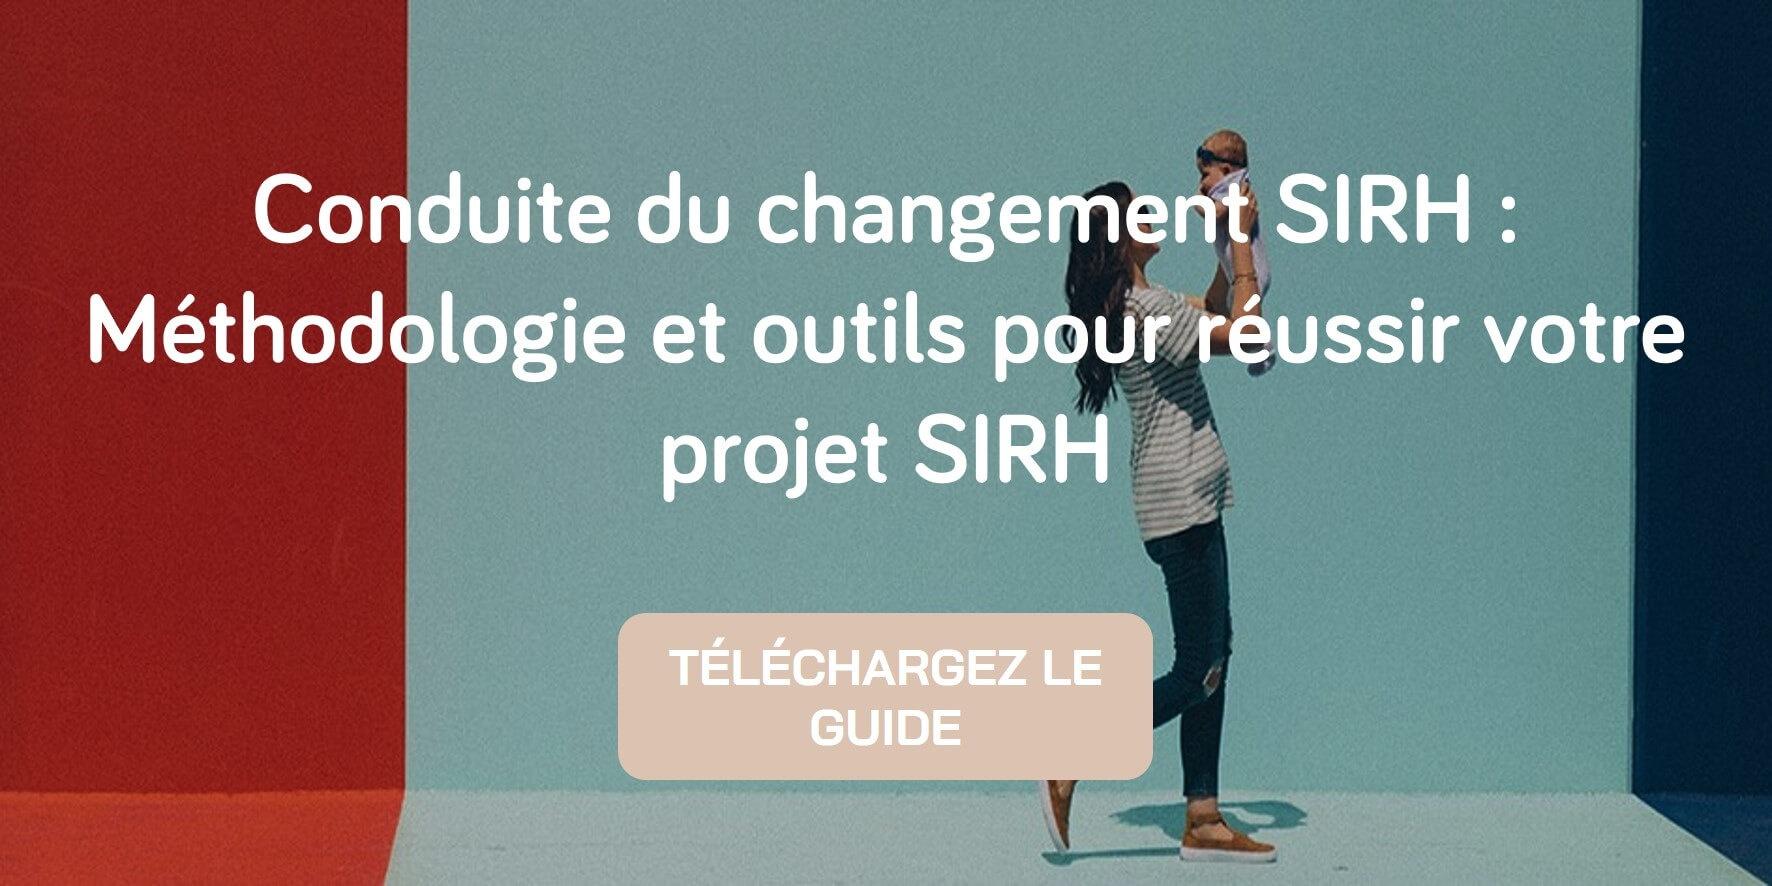 guide-conduite-changement-sirh-rh